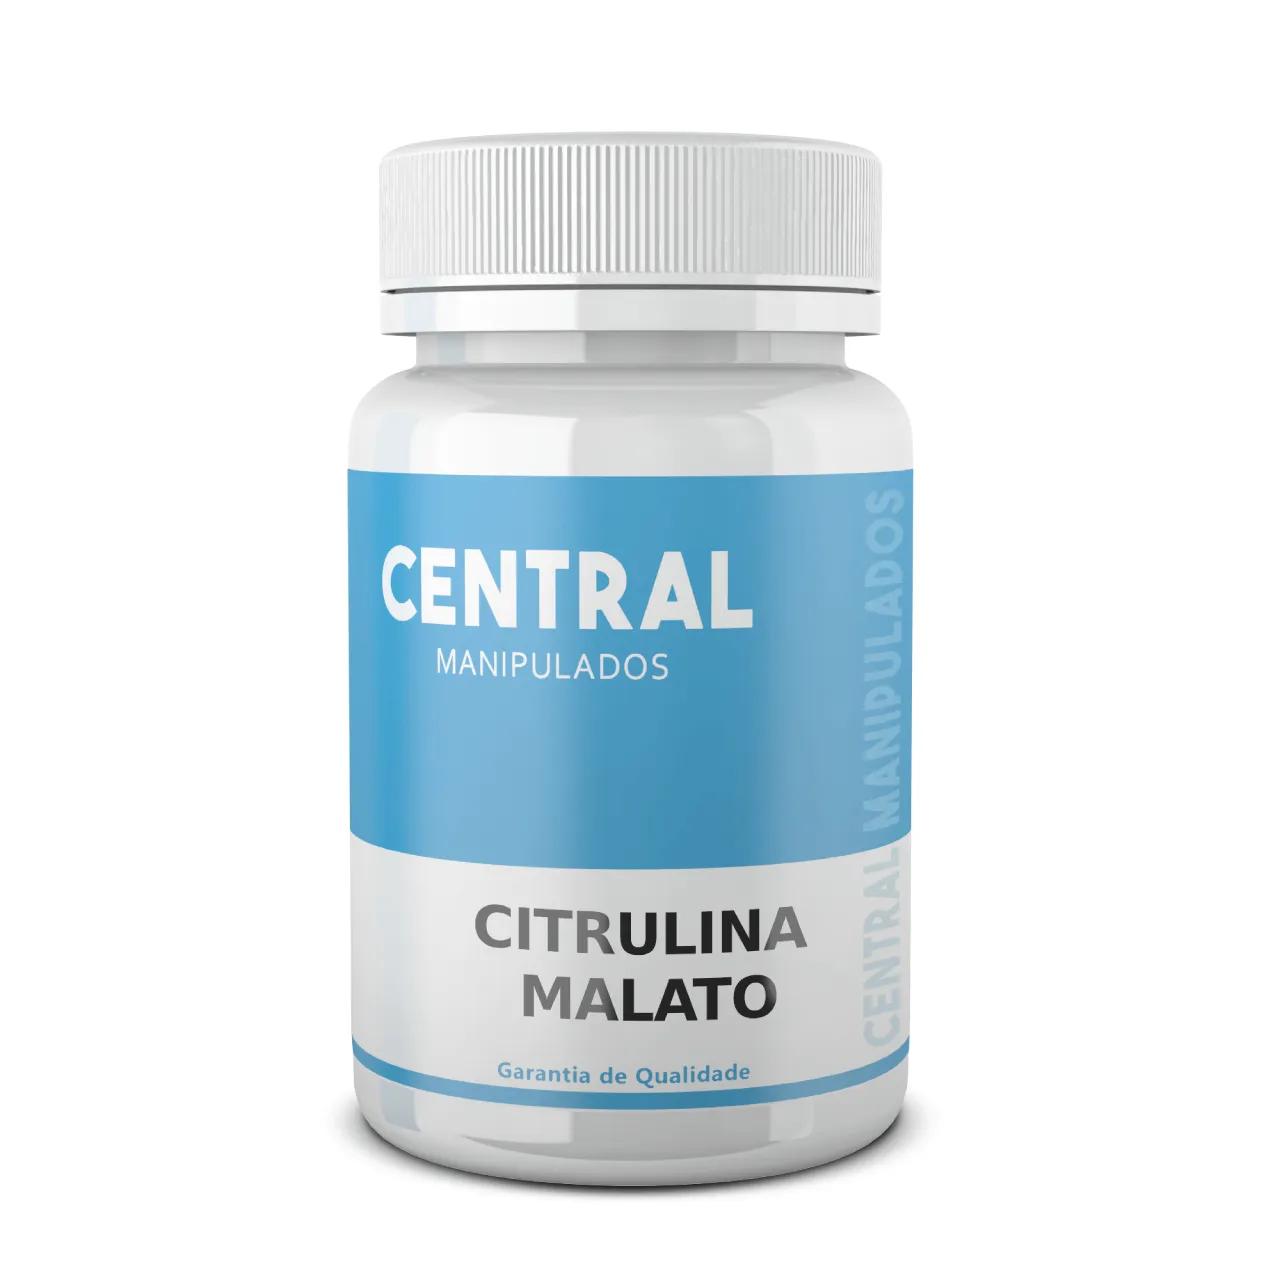 Citrulina Malato 500mg - 30 Cápsulas - Ganho de massa muscular, Melhor desempenho esportivo, físico e mental, Aumenta a força e resistência